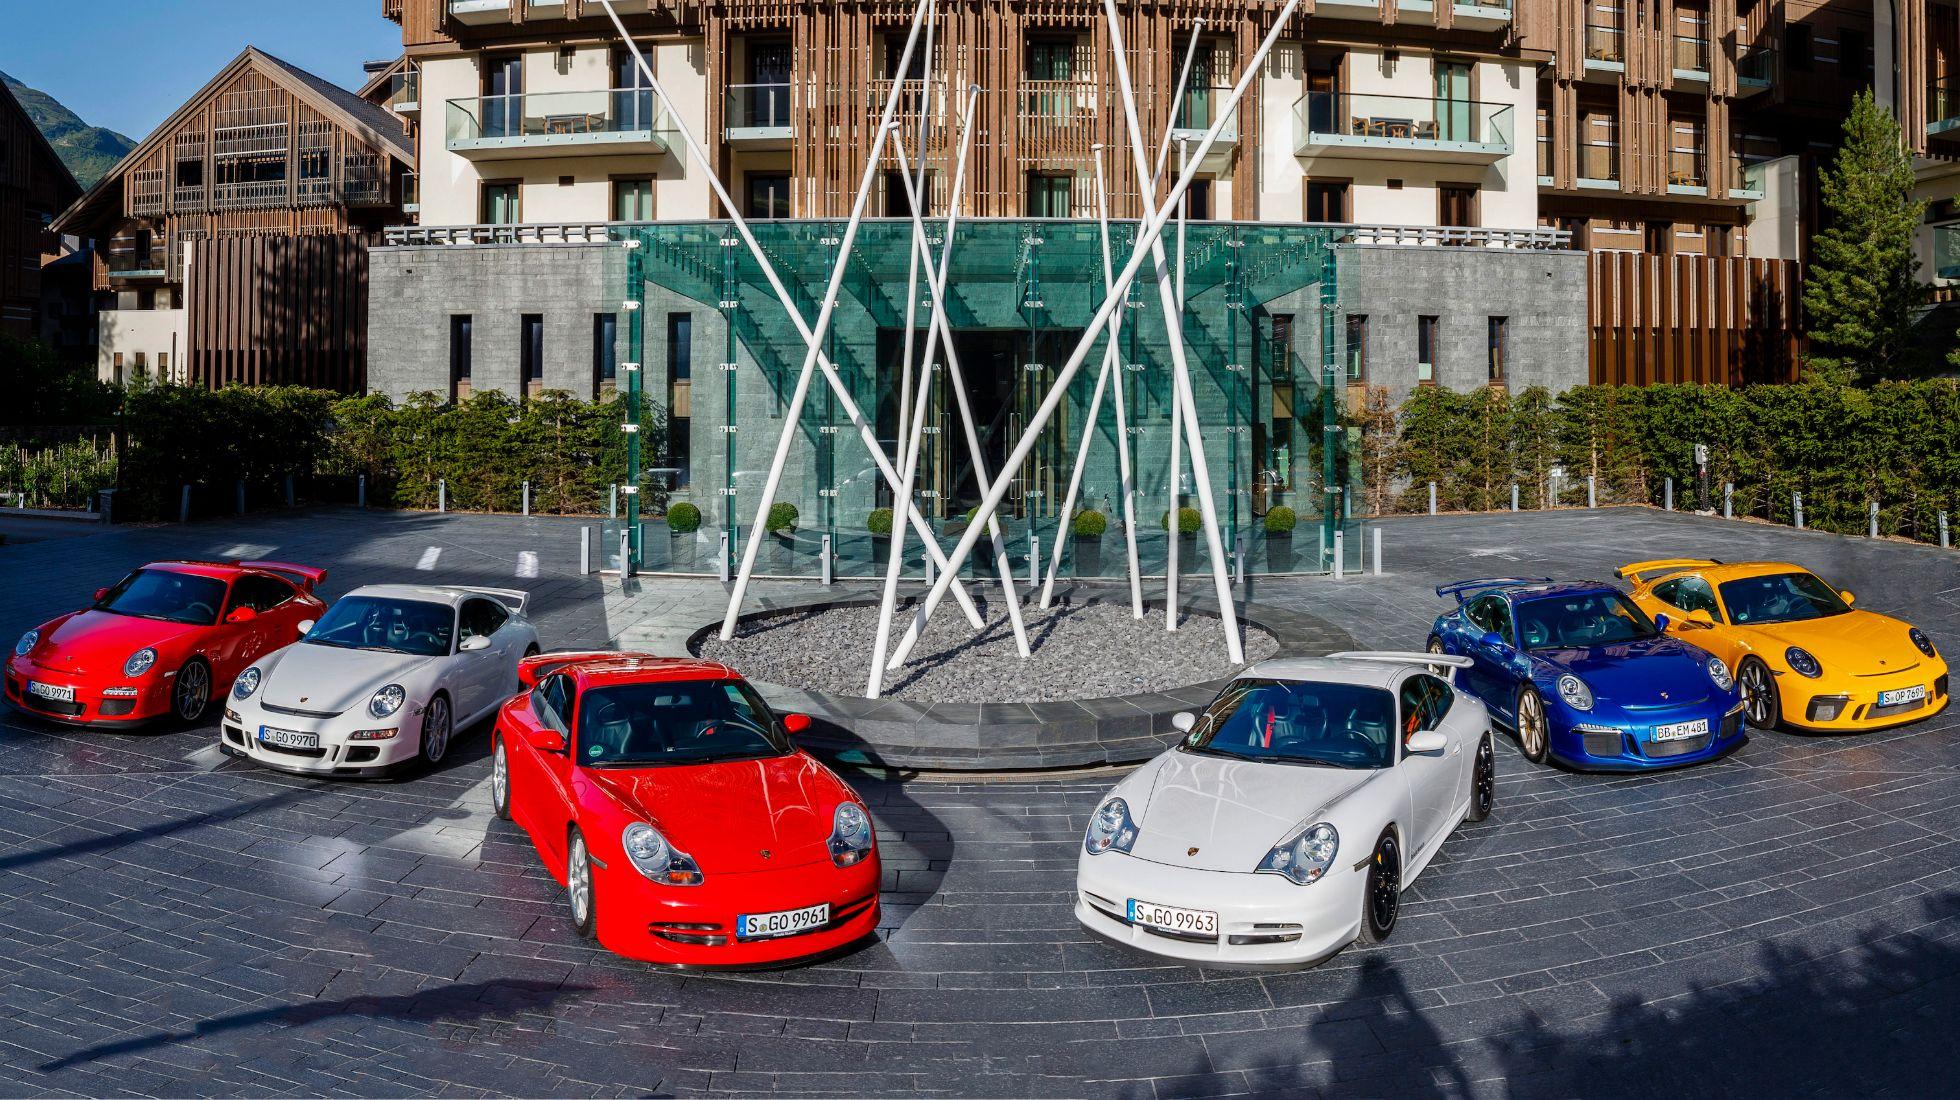 Porsche's 911 GT3 celebrates 21 years